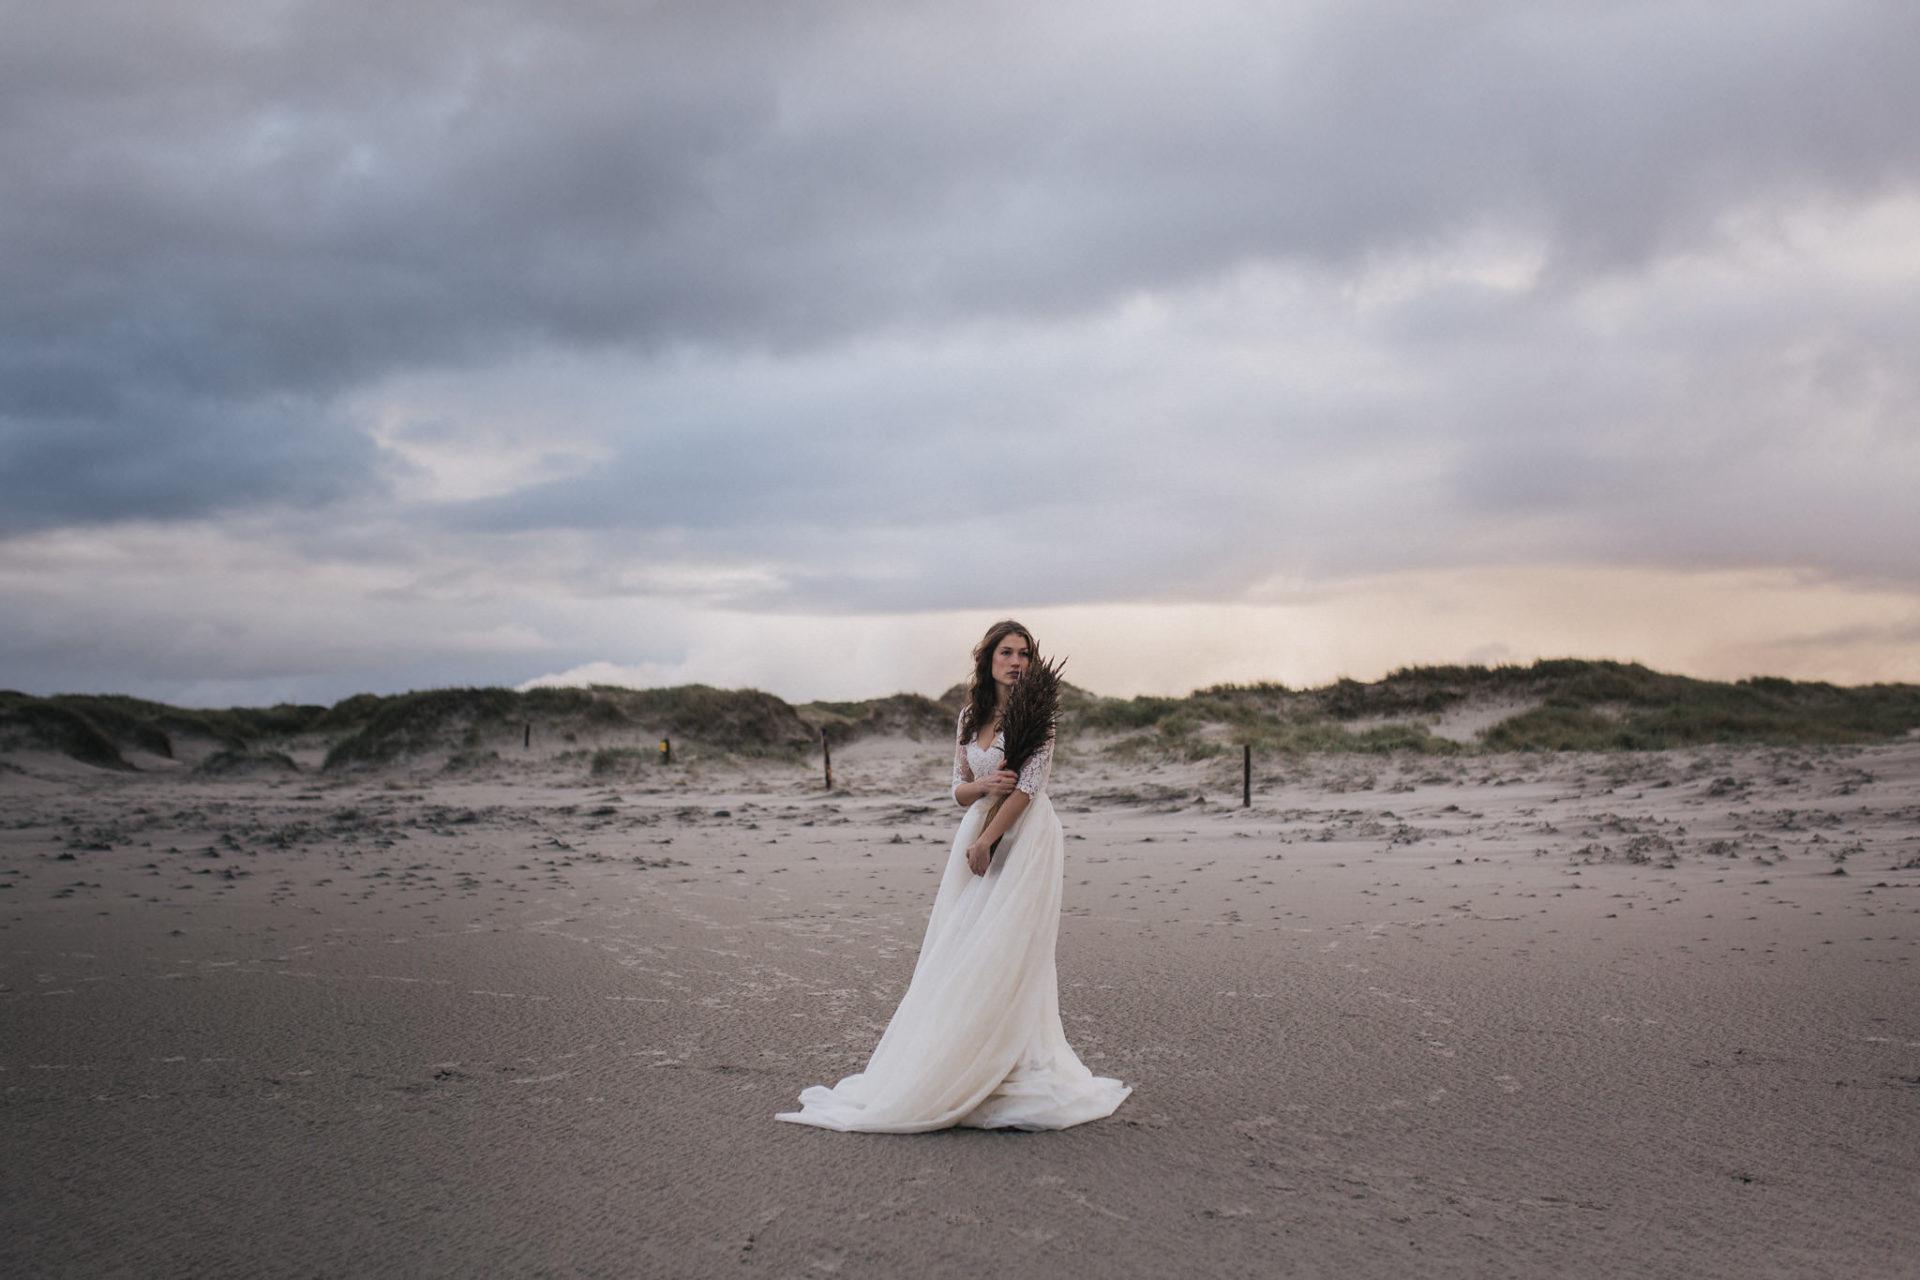 Hochzeitsfotografie Nordsee Brautkleid Inspiration Fotoshoot Braut Strand Meer Elfenkleid Hochzeit